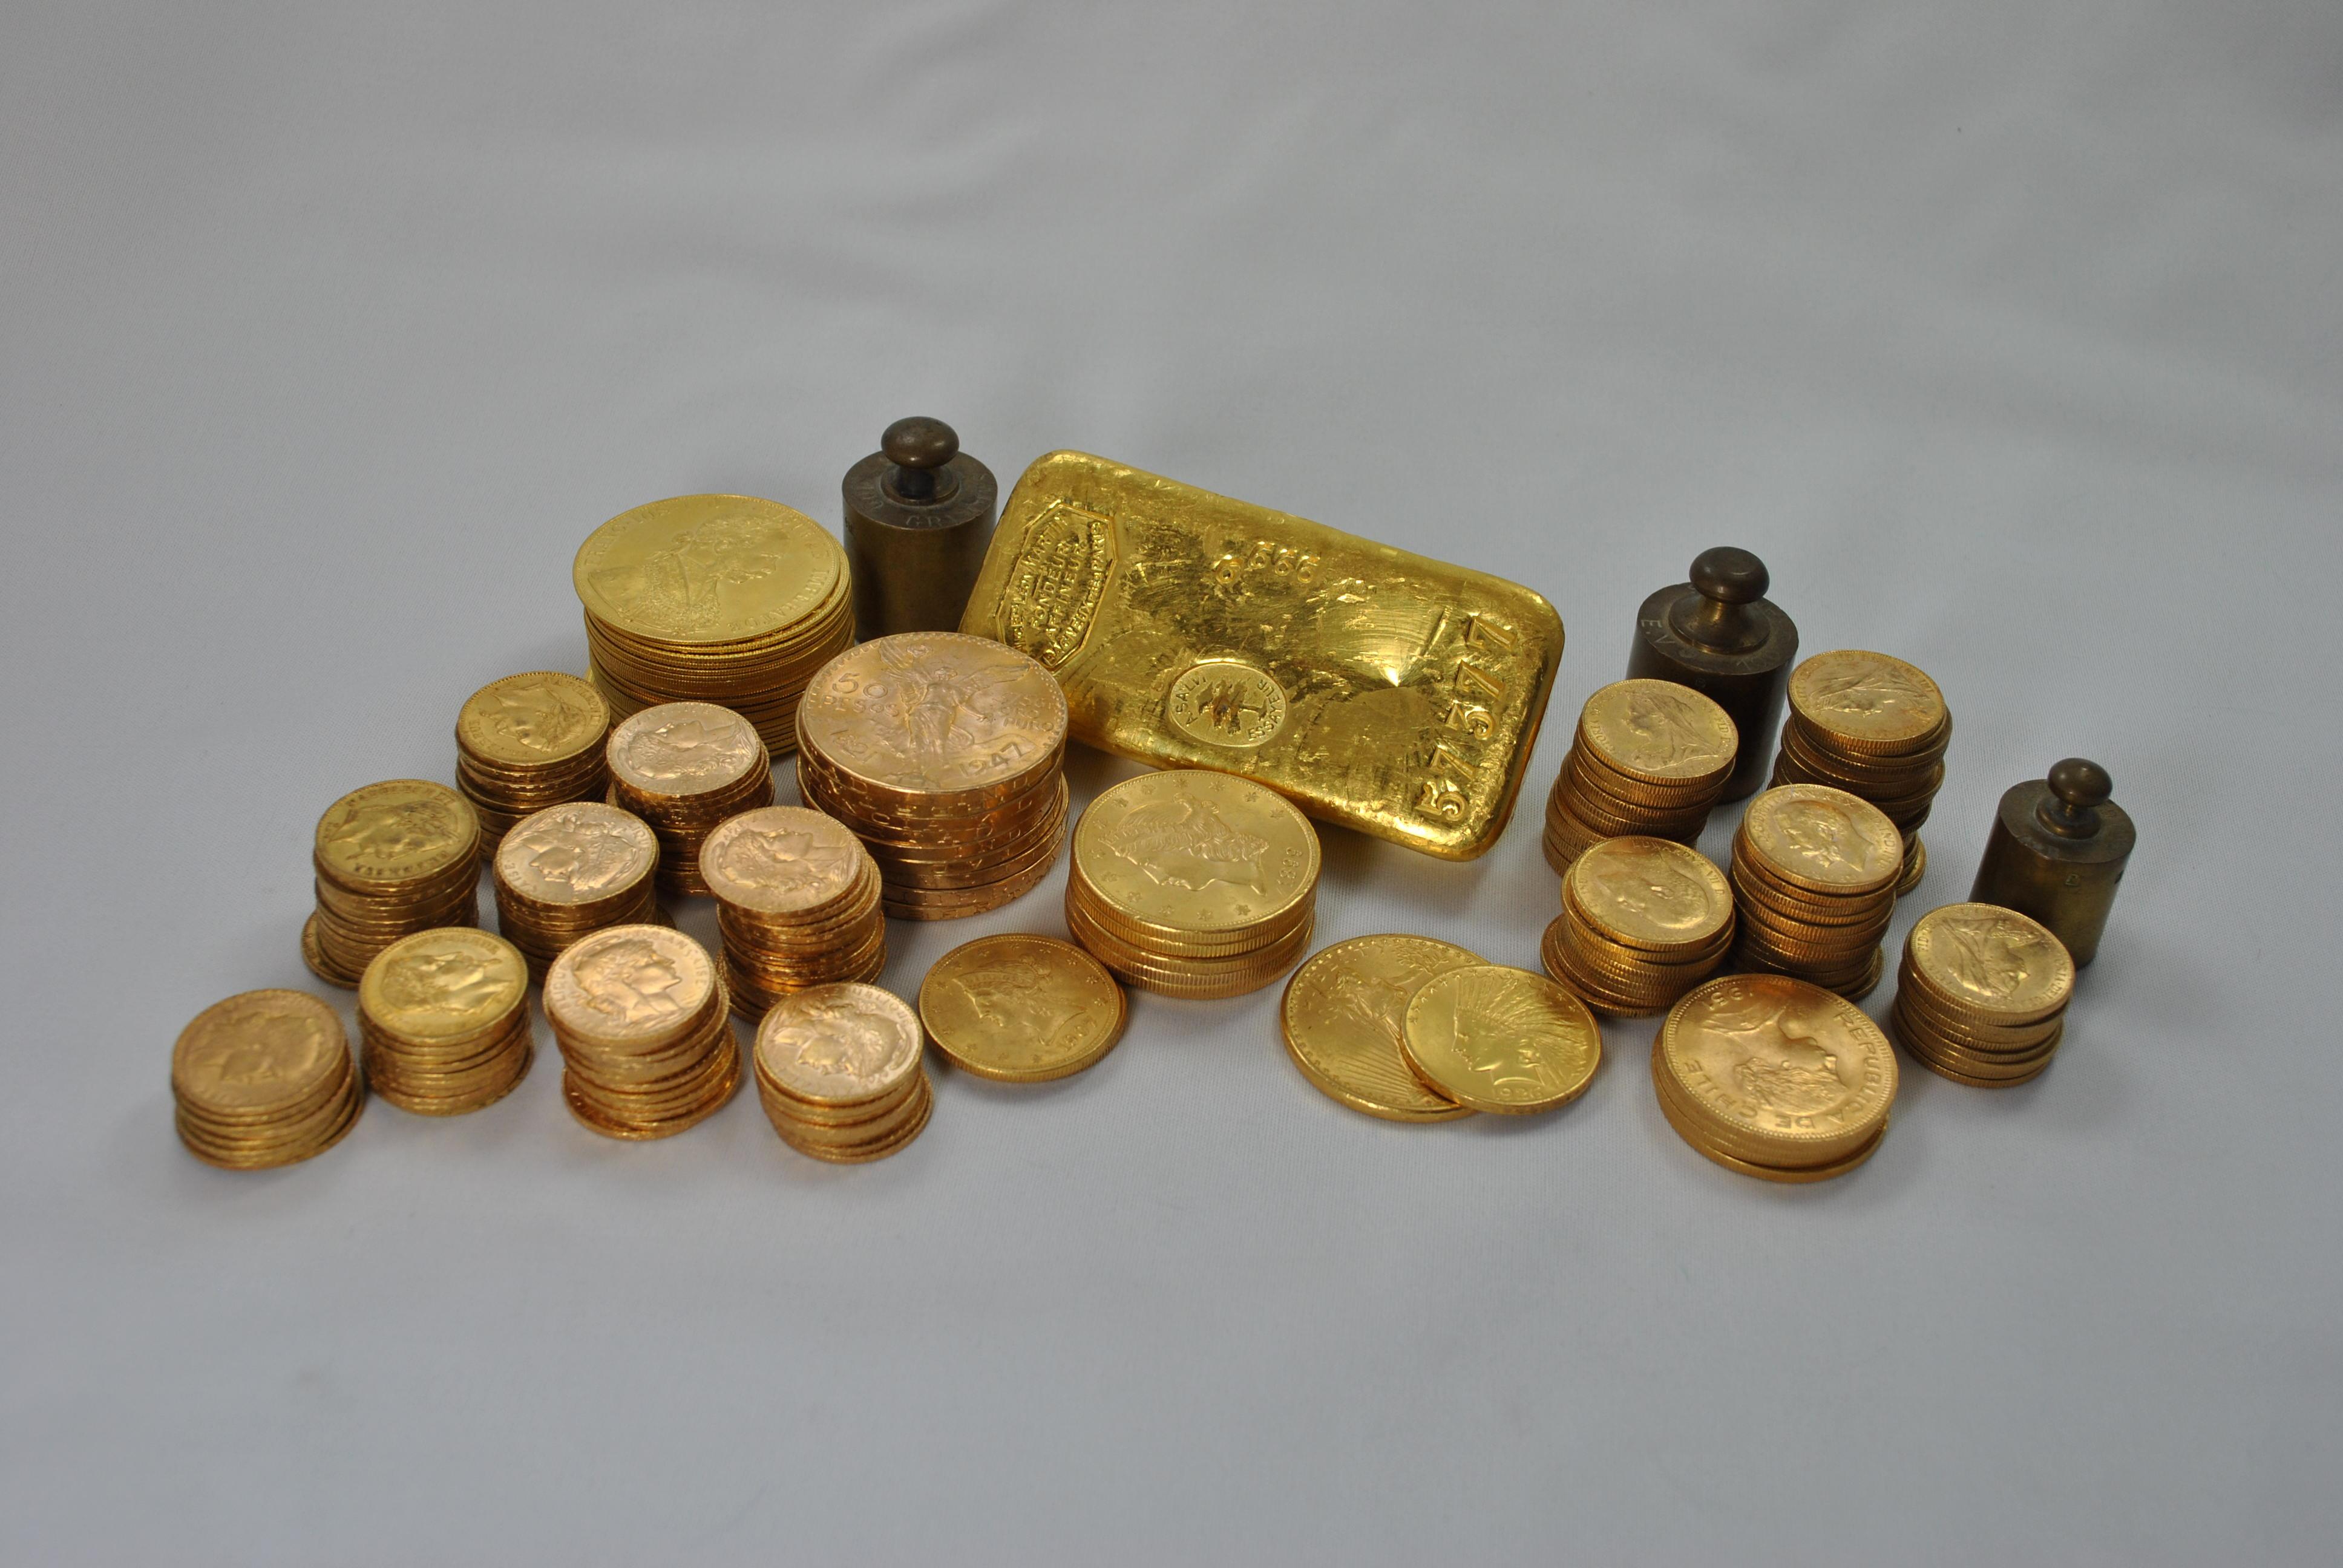 Vendre vos Marianne Coq de 20 francs or : l'assurance de faire une belle affaire